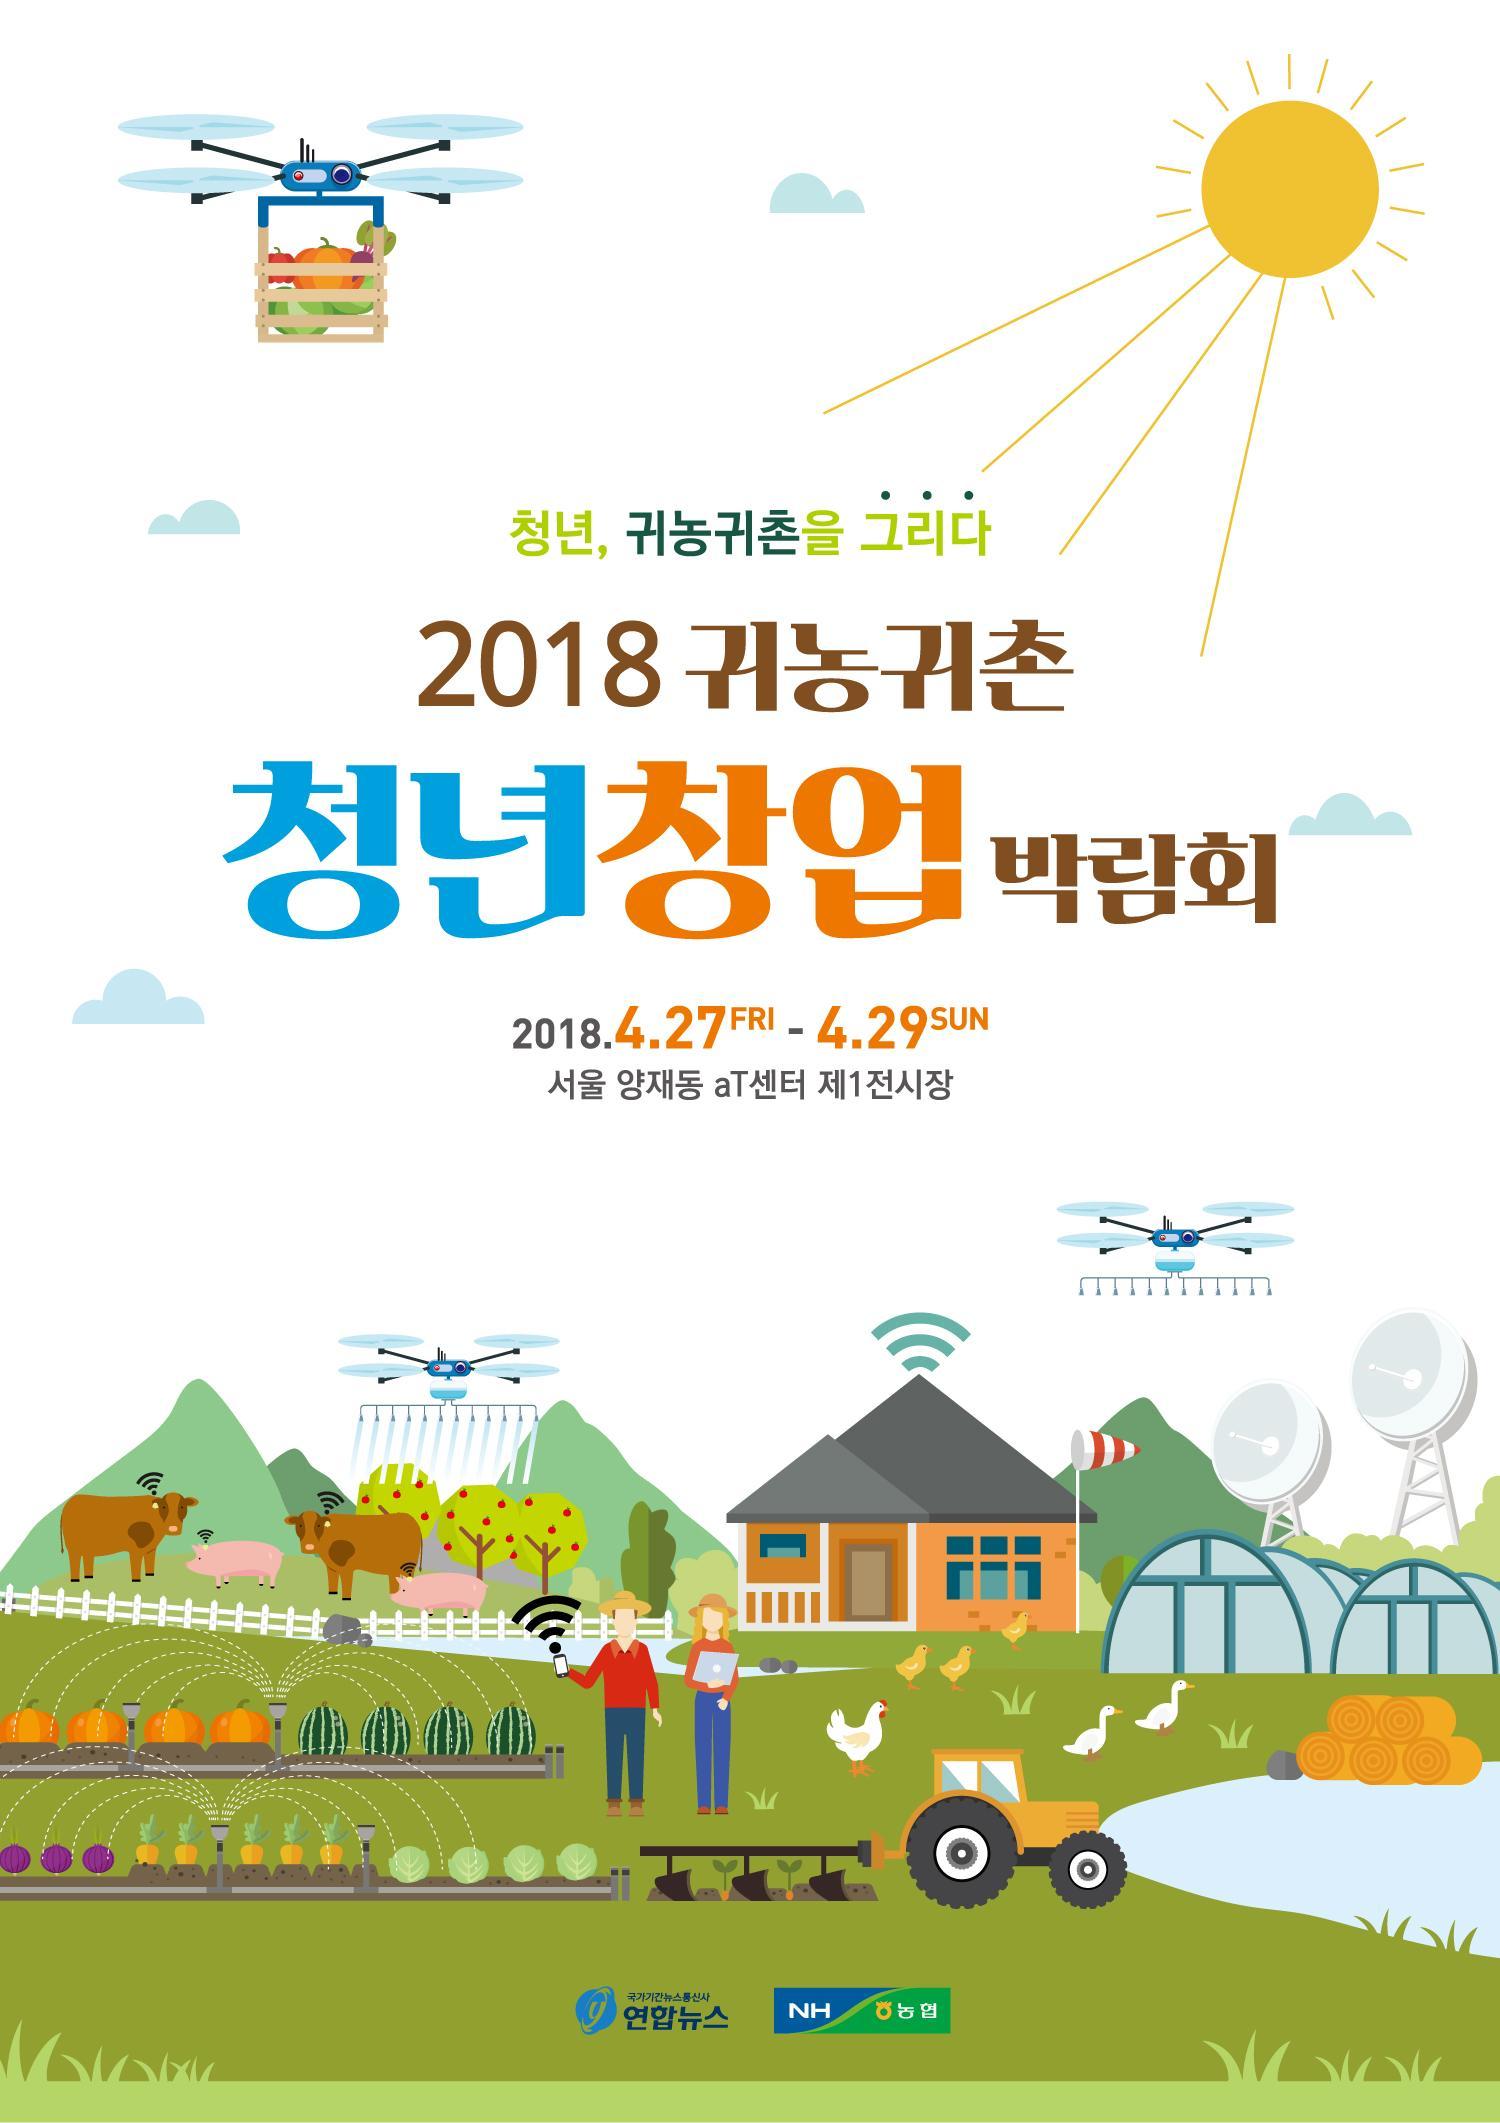 2018 귀농귀촌 청년창업 박람회 사전등록